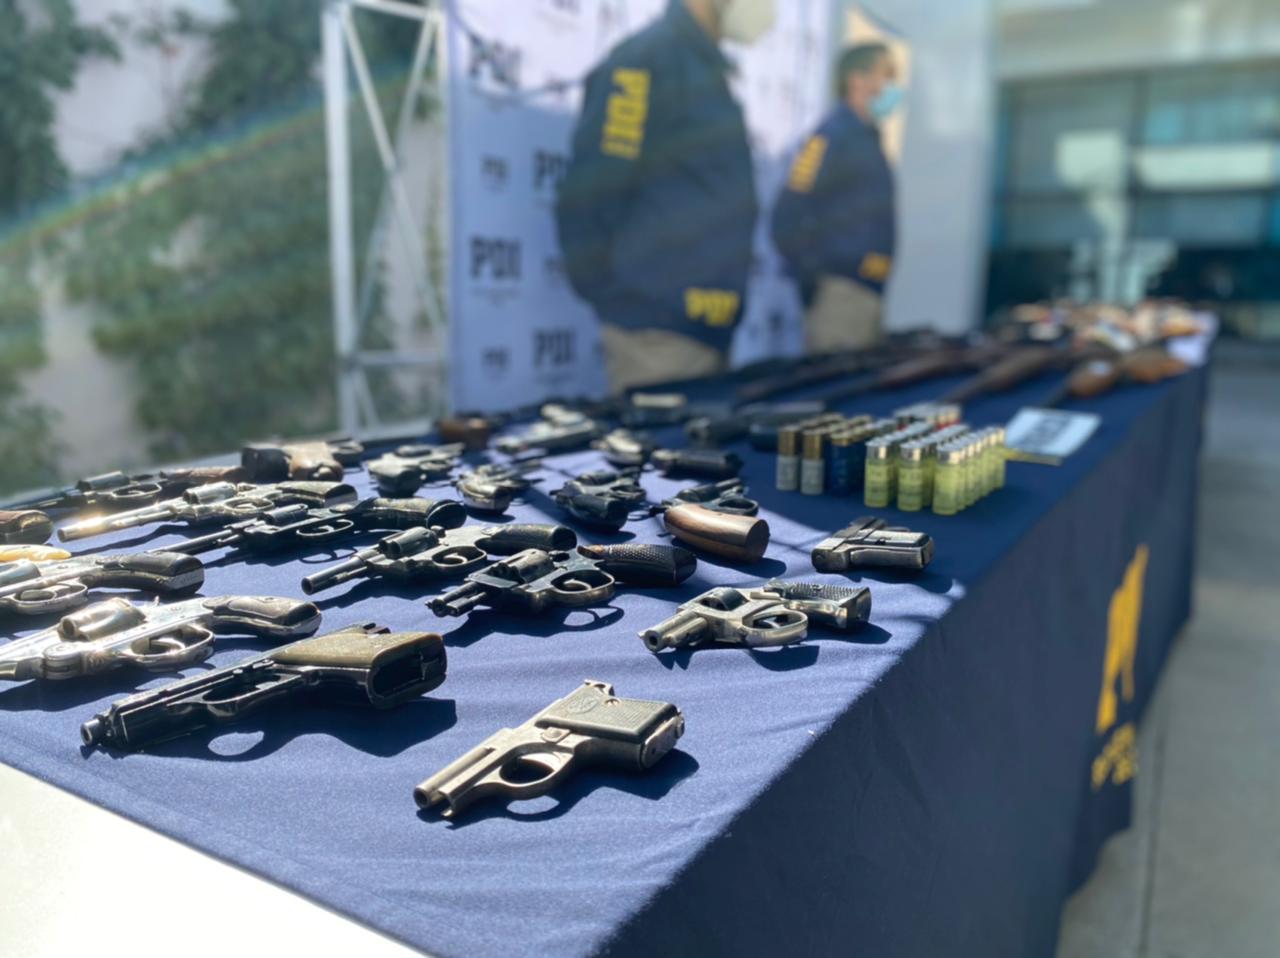 Casi un centenar de armas son incautadas y sacadas de circulación para ser destruidas